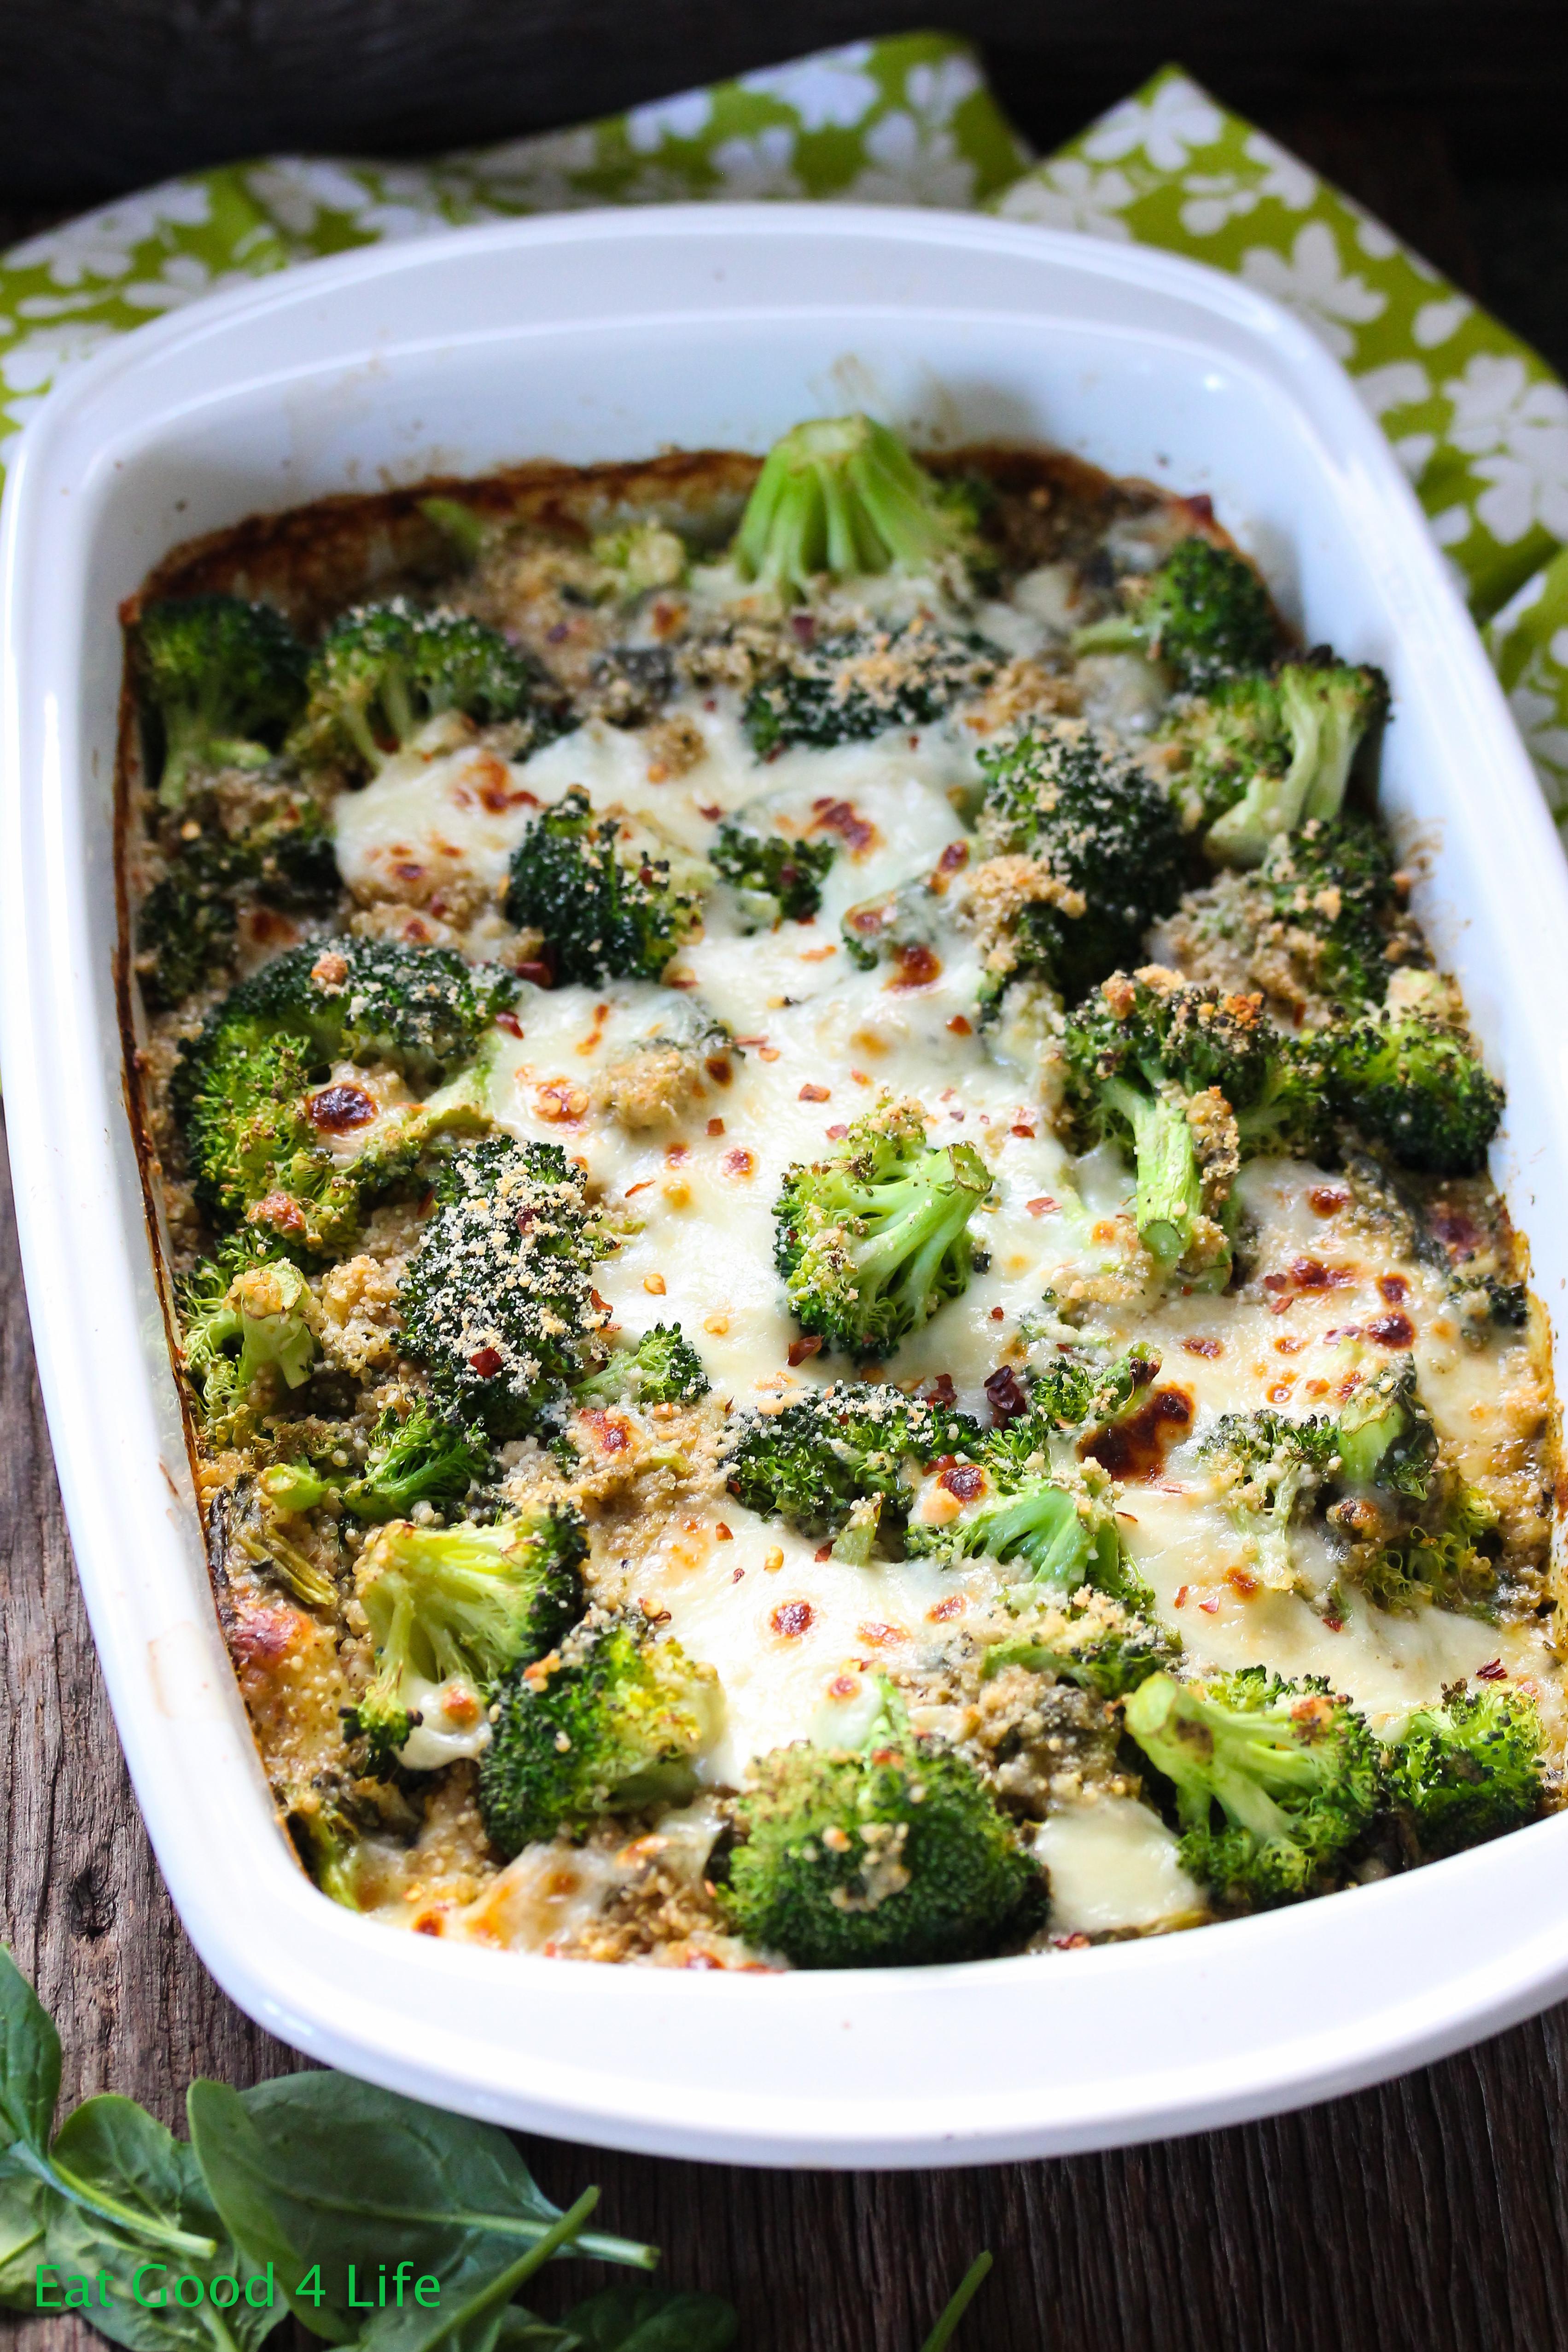 Broccoli Casserole Healthy  Broccoli quinoa casserole